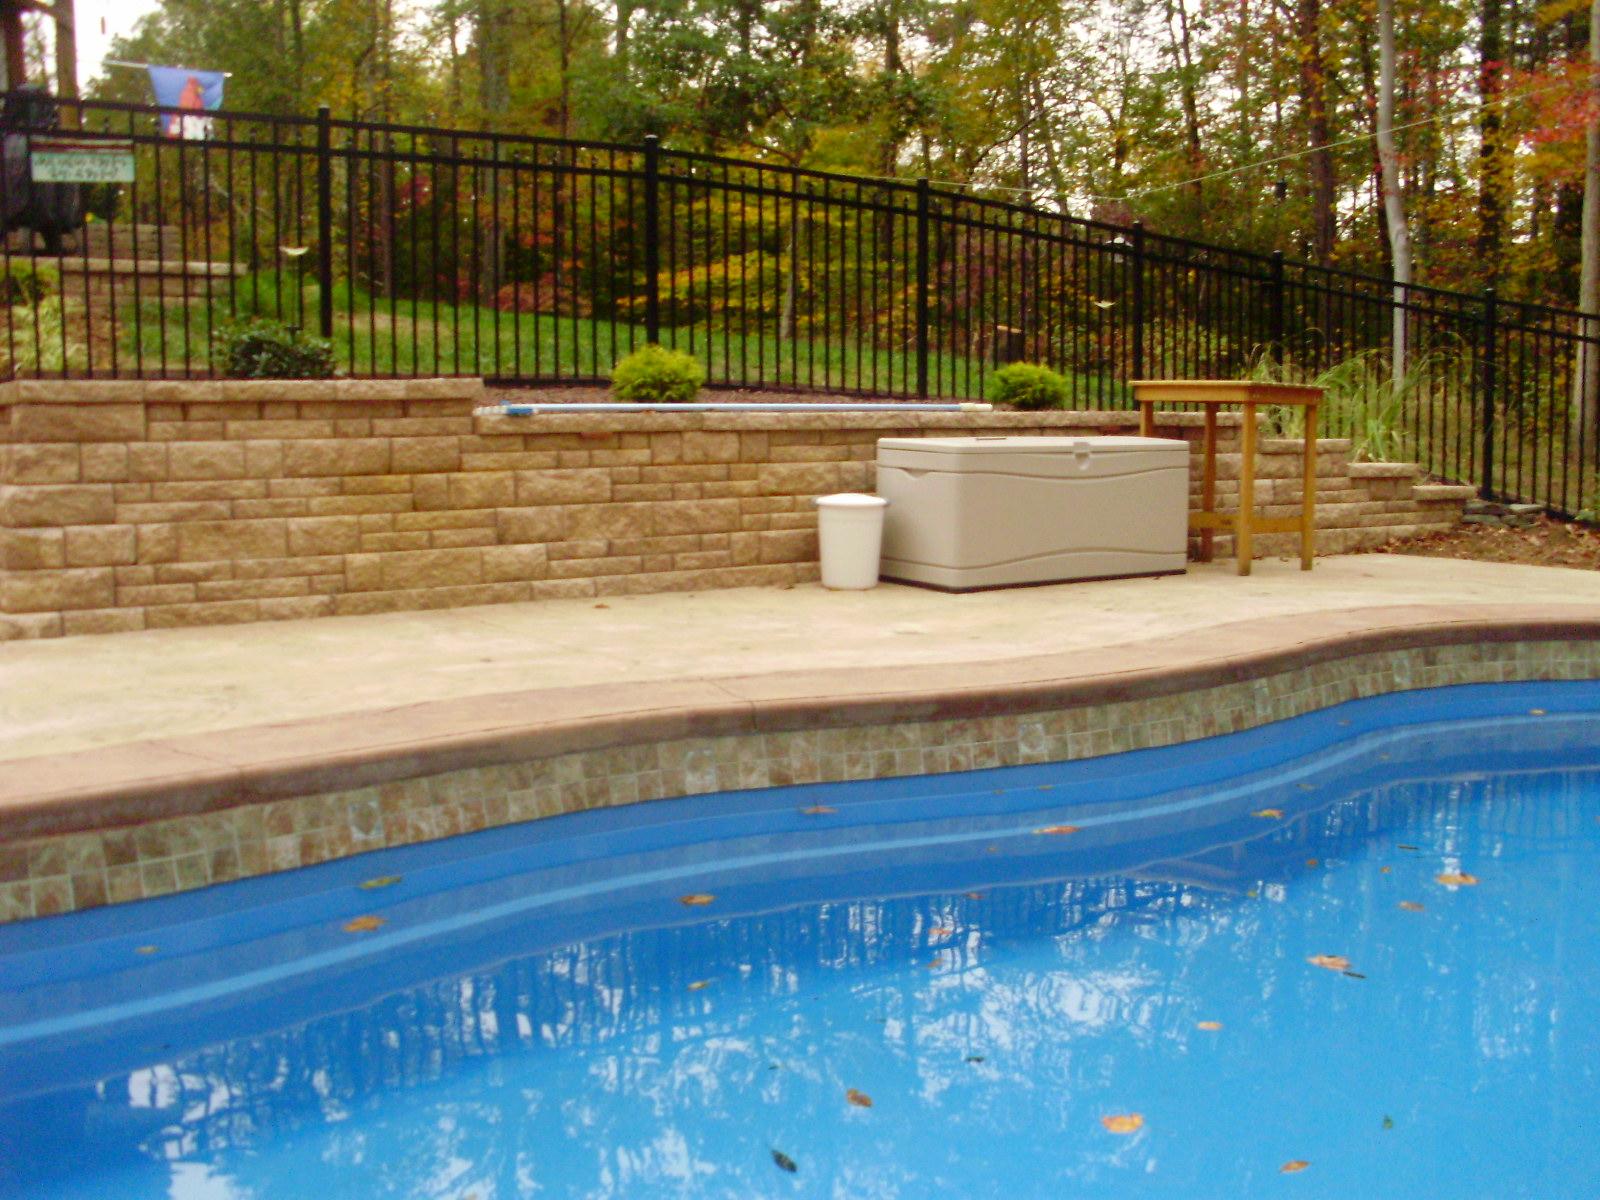 Best Tile For Pool Waterline: Pool Tile: Beige 3x3 Water Line Tile